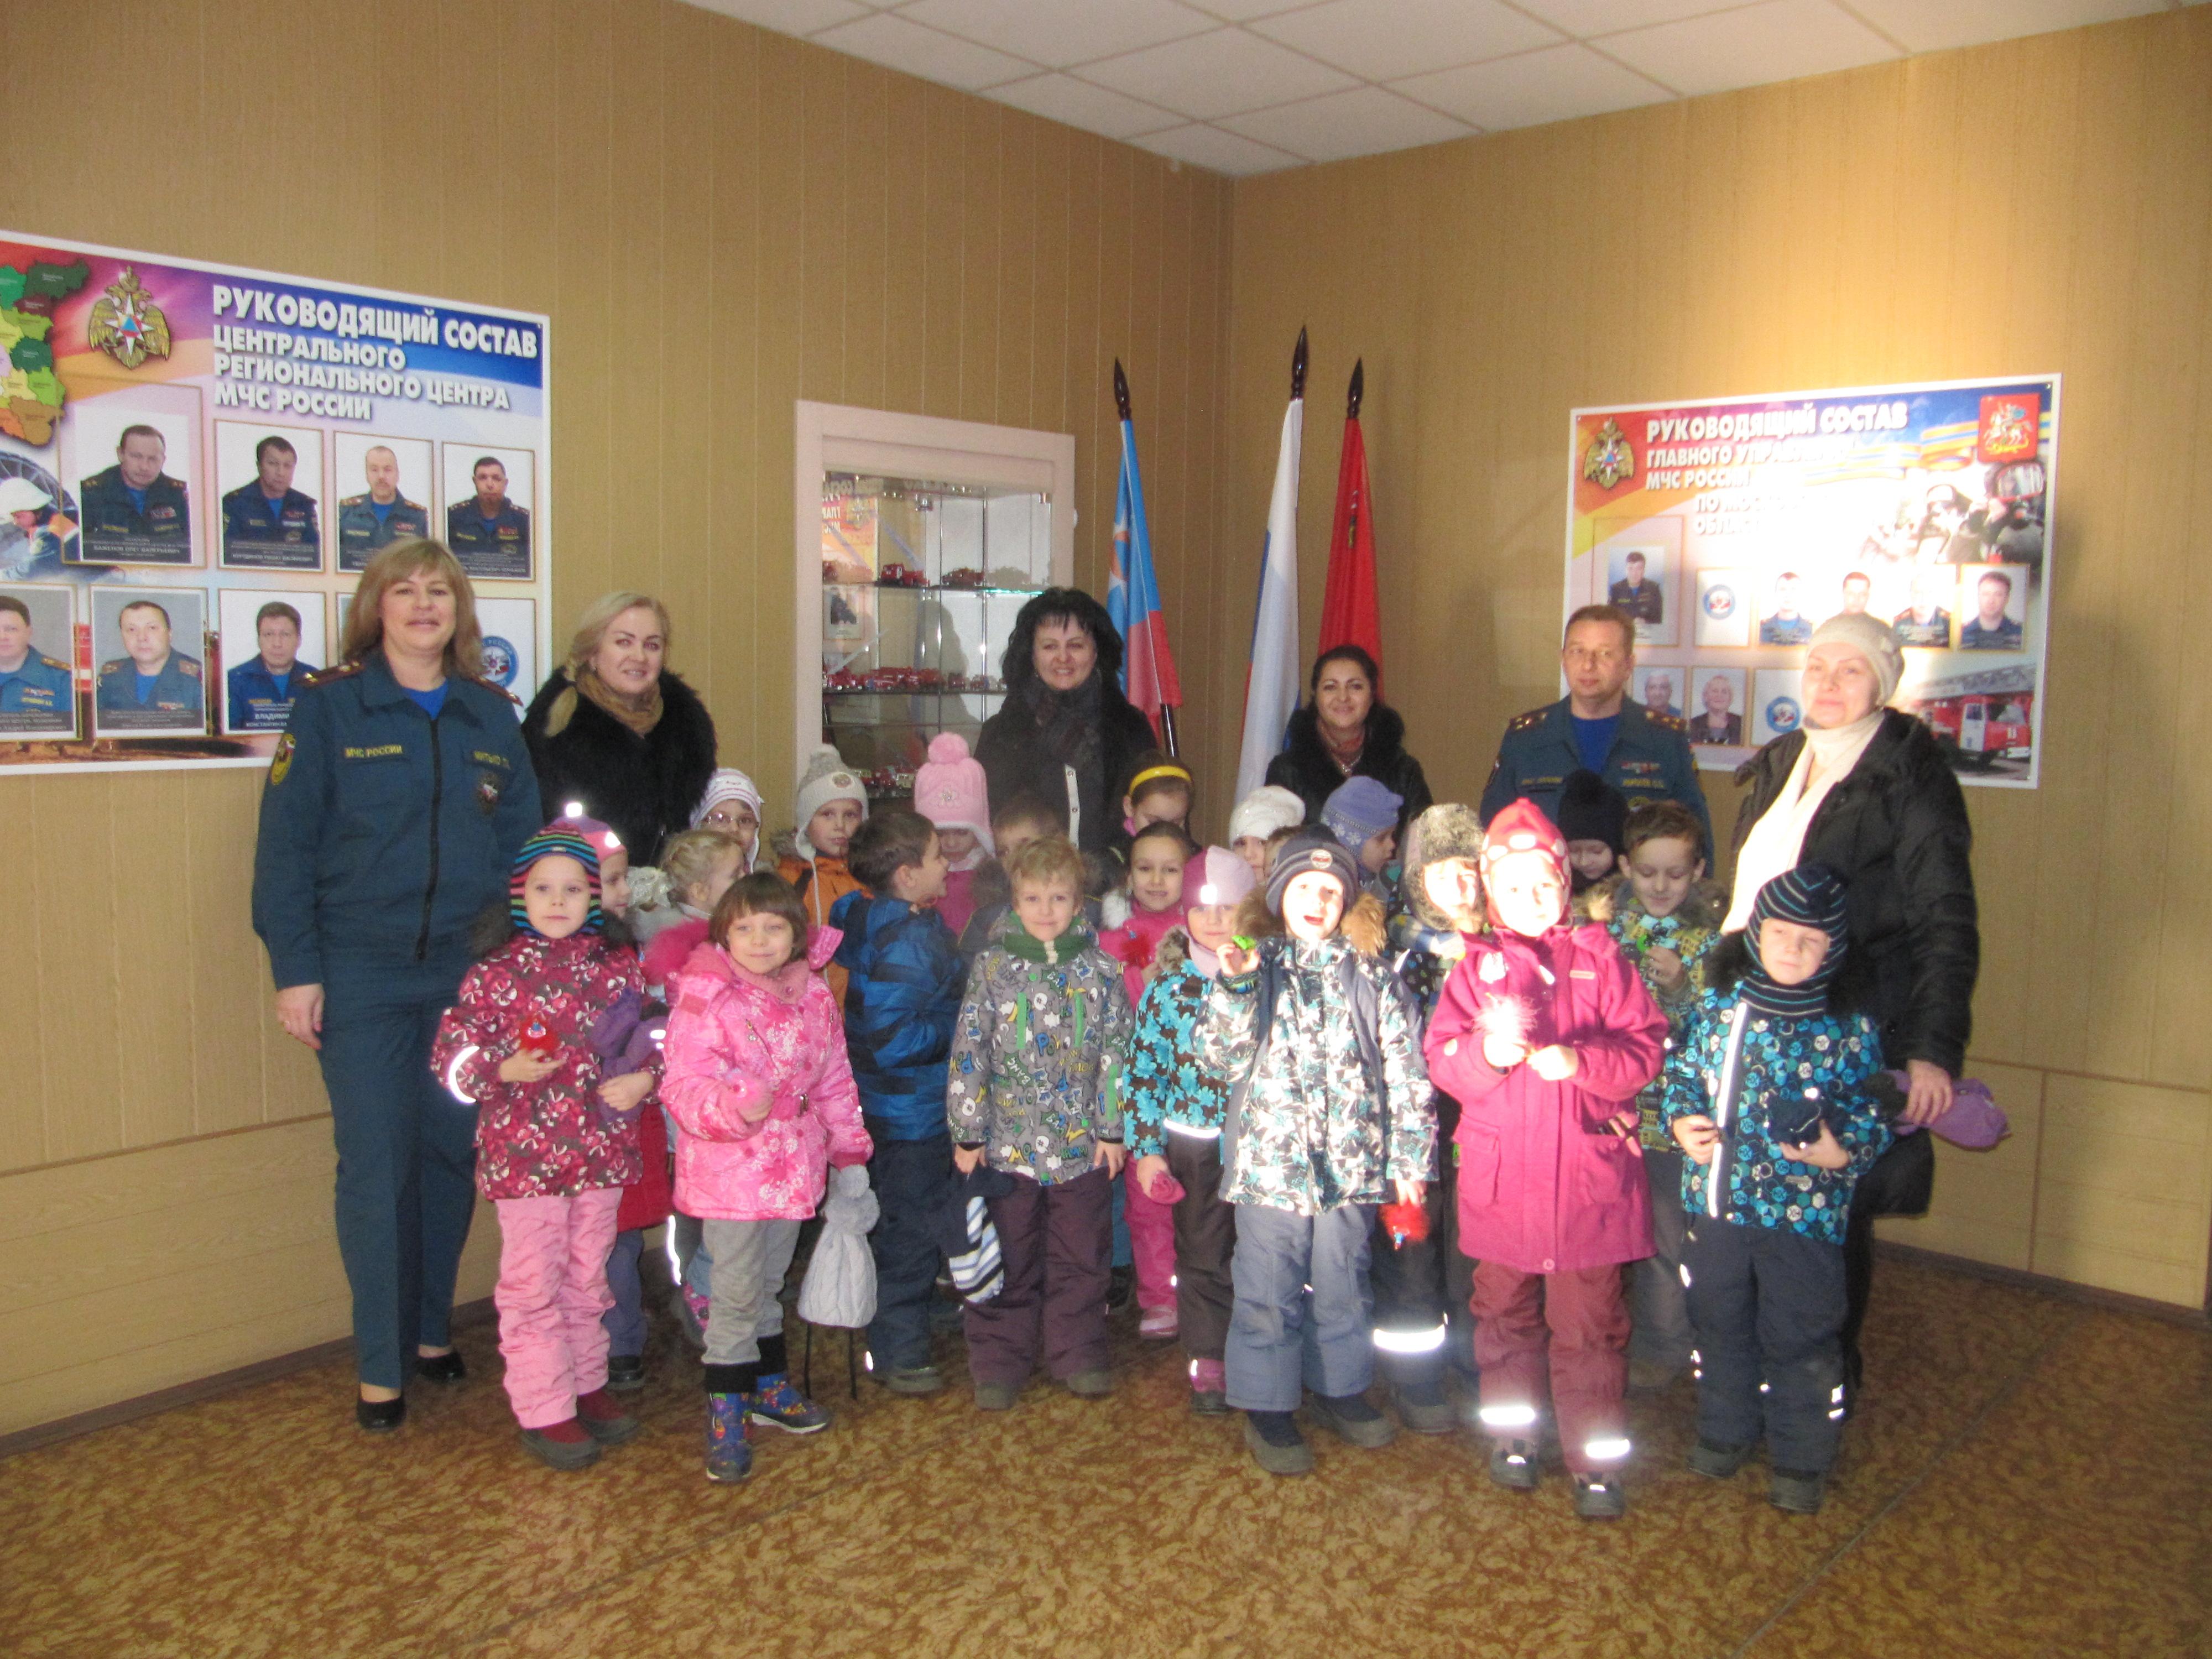 Воспитанники детского сада «Одуванчик» побывали в гостях у пожарных